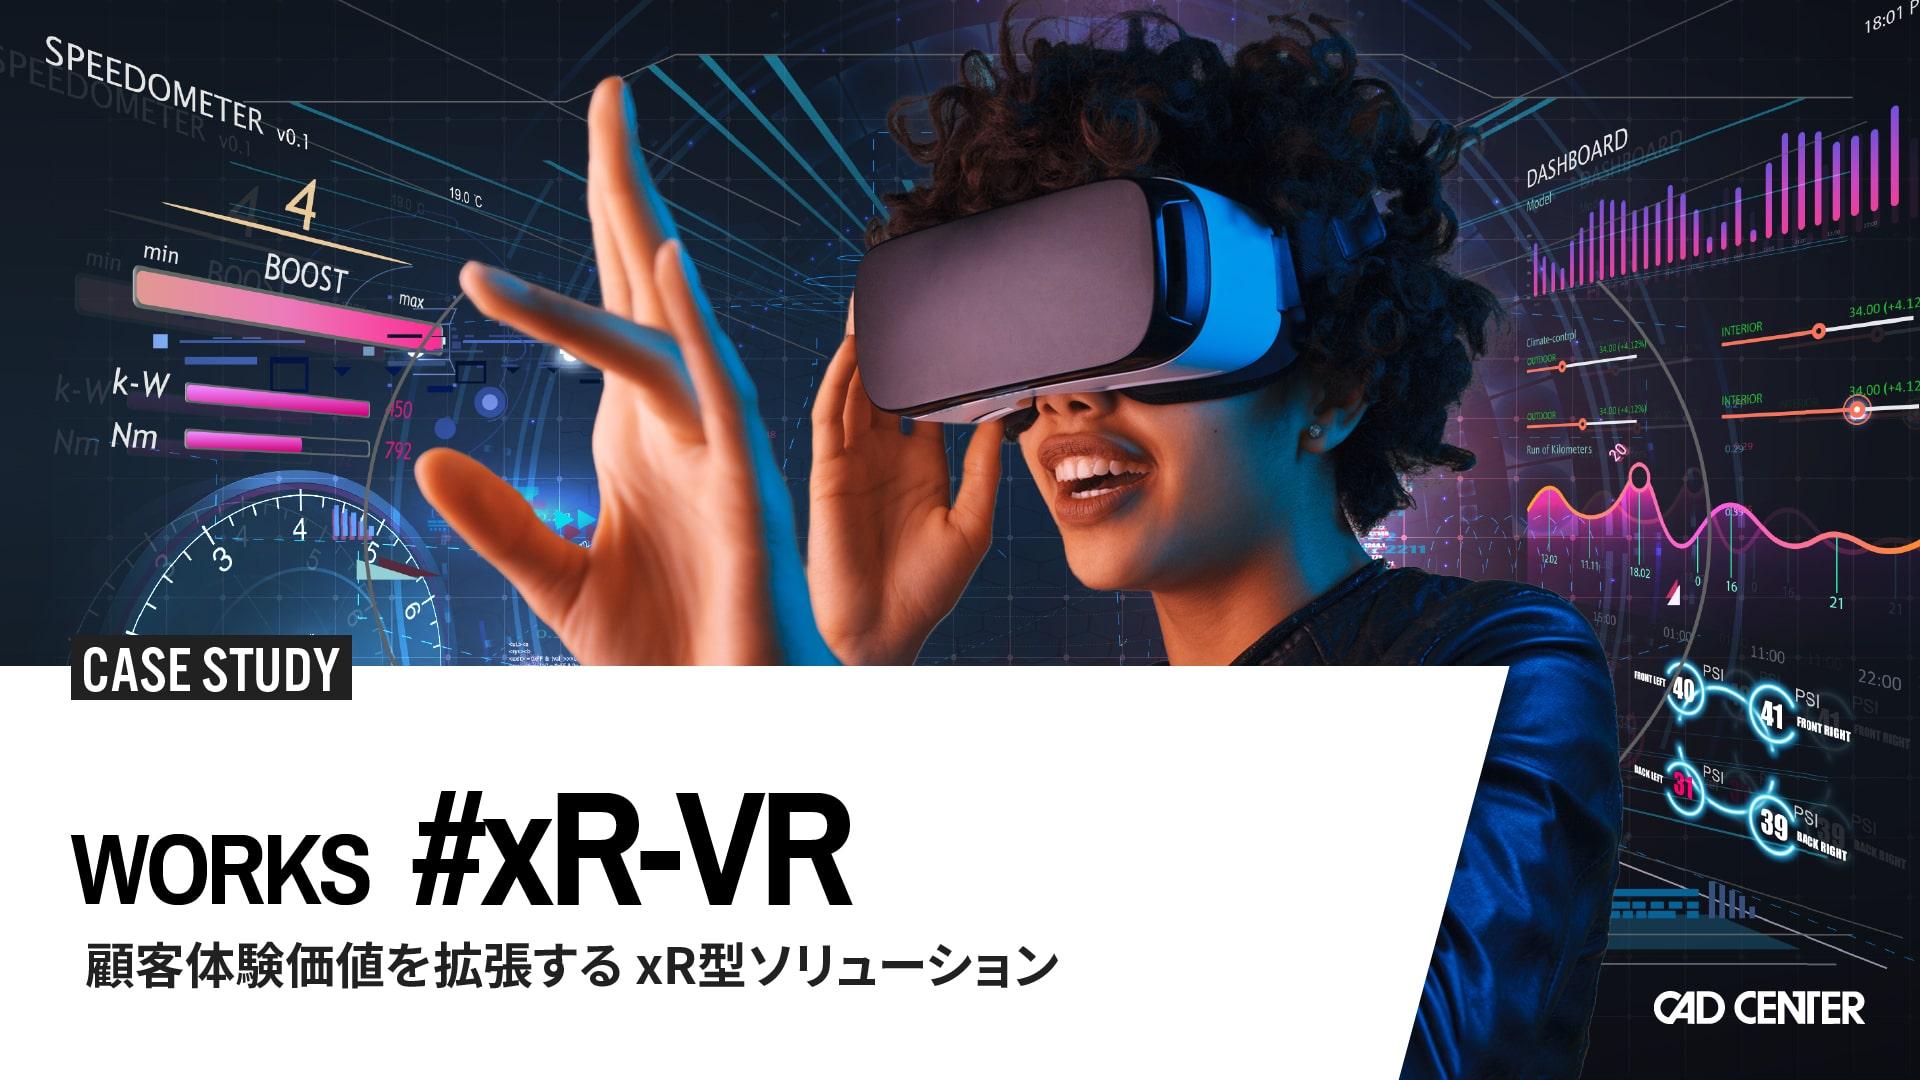 VRコンテンツの導入実績をまとめました。